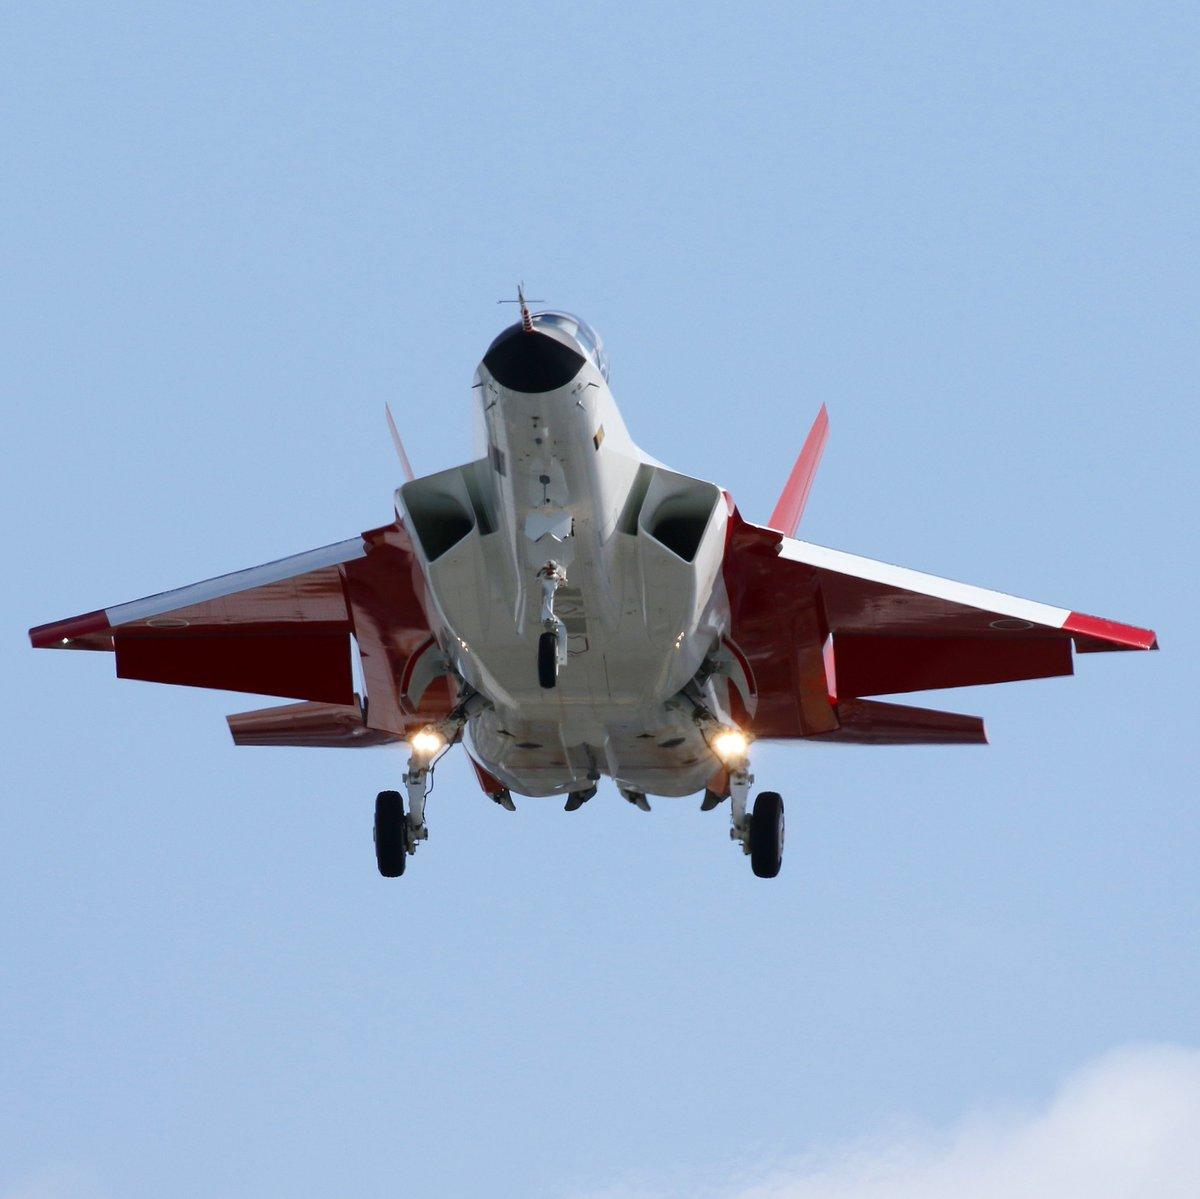 日英欲联合研制下代隐形战机 已完成新空空导弹